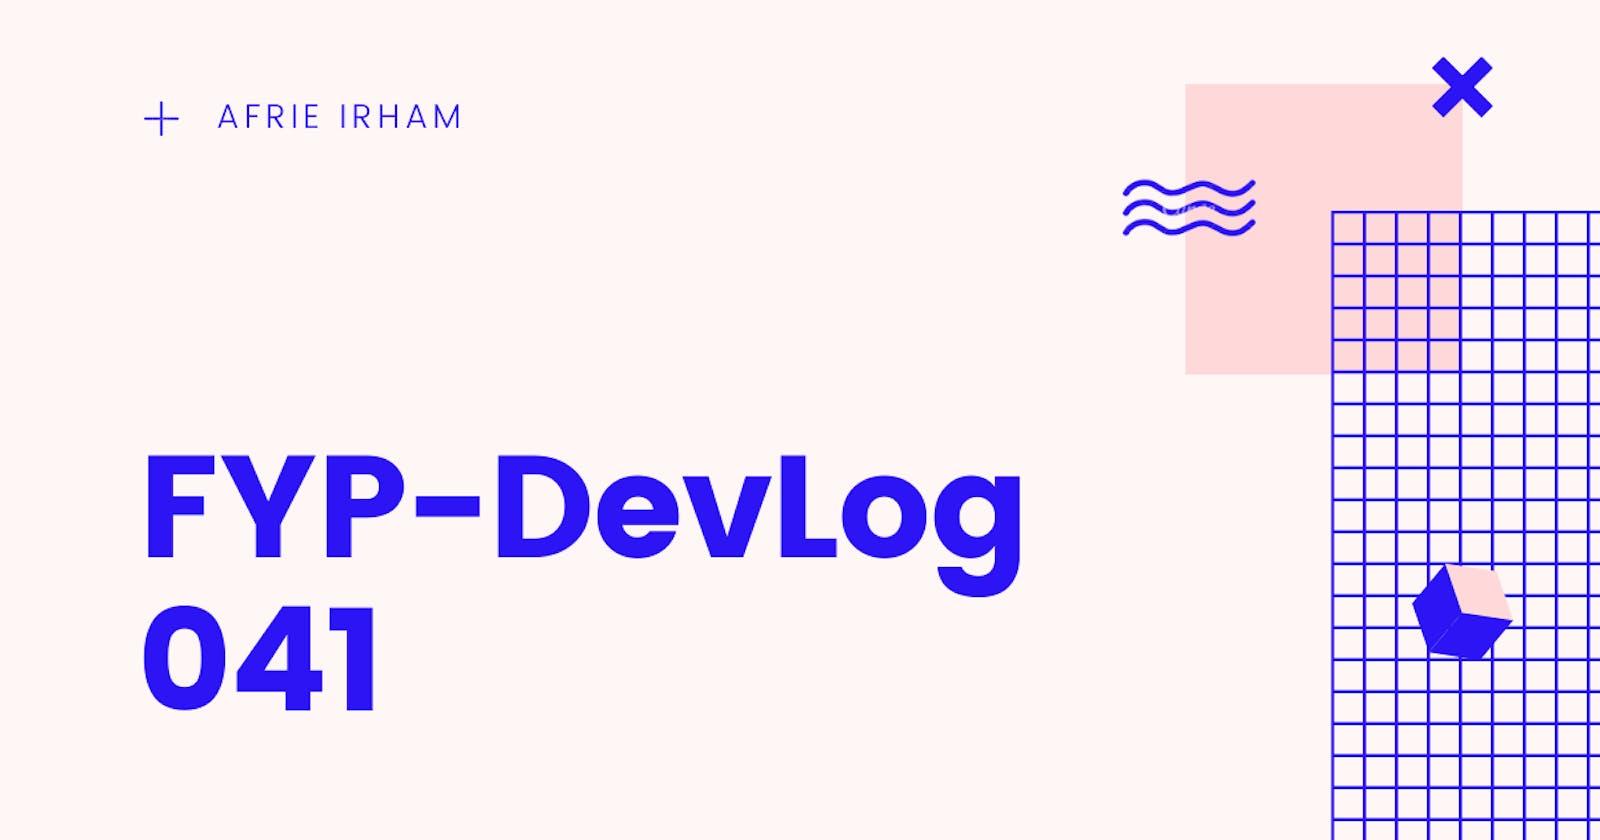 FYP-DevLog 041